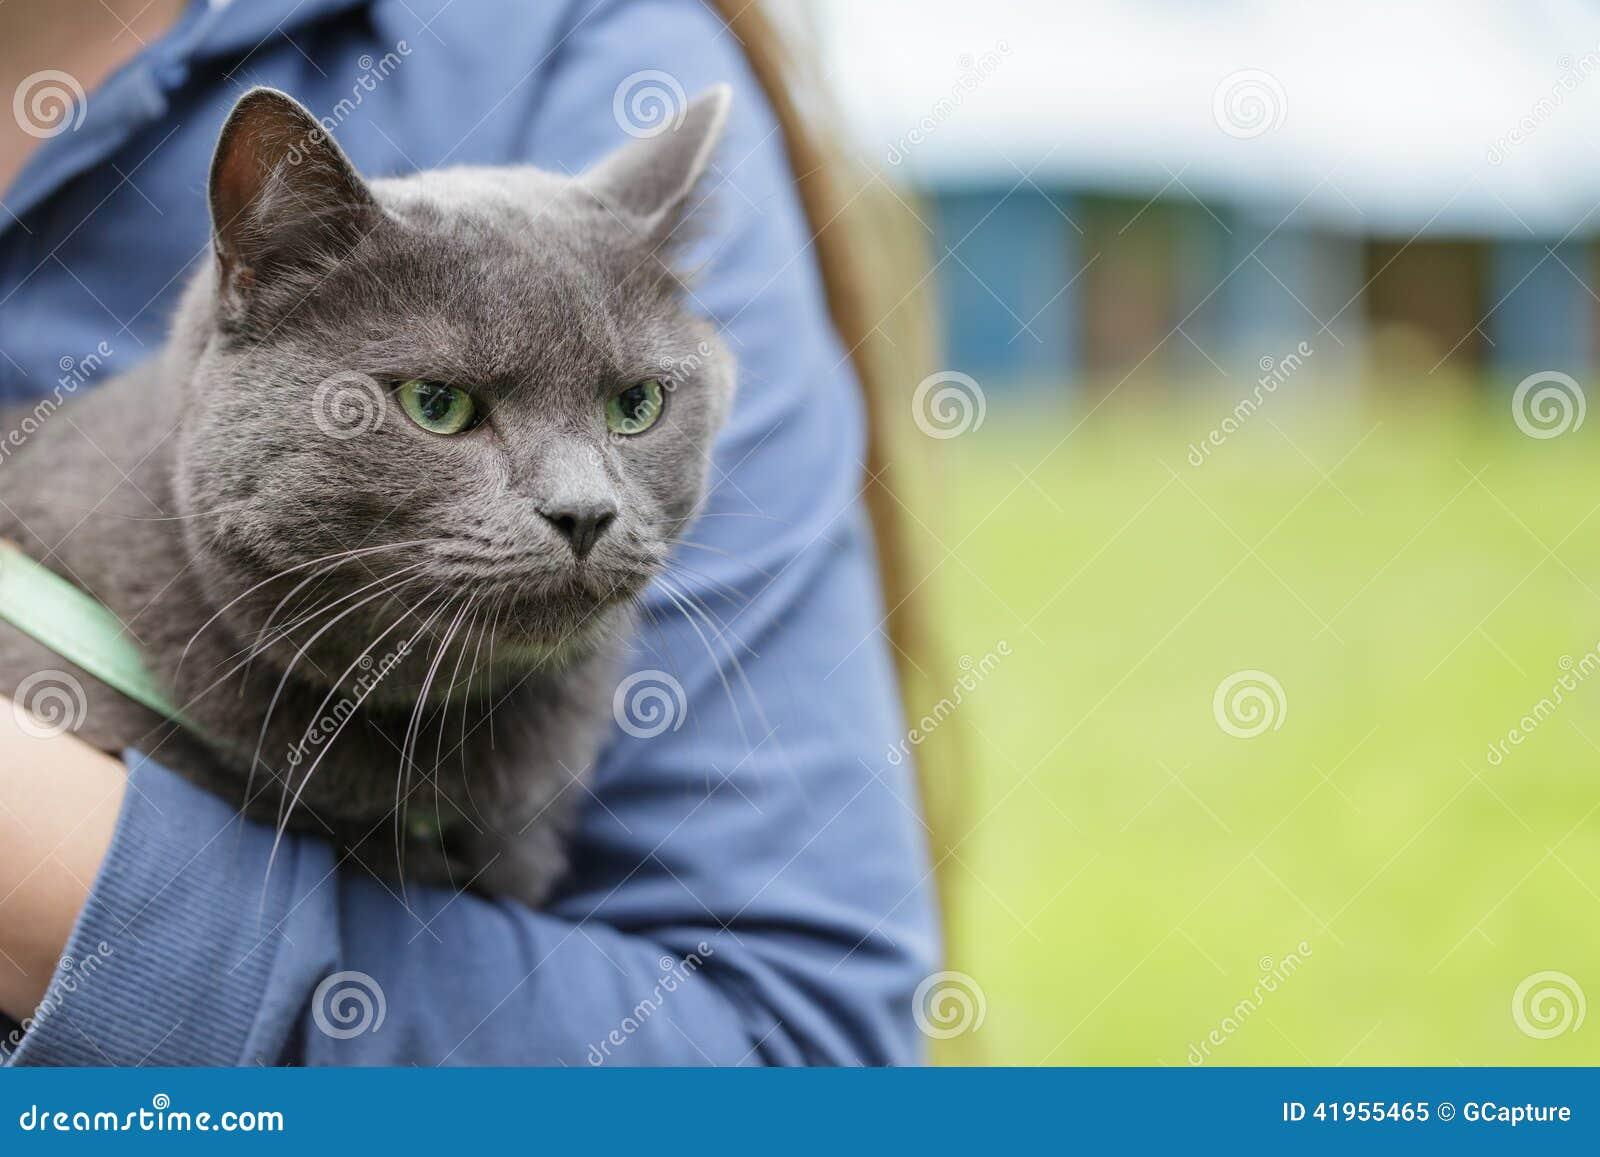 Brytyjski shorthair kot na rękach z nieszczęśliwym spojrzeniem